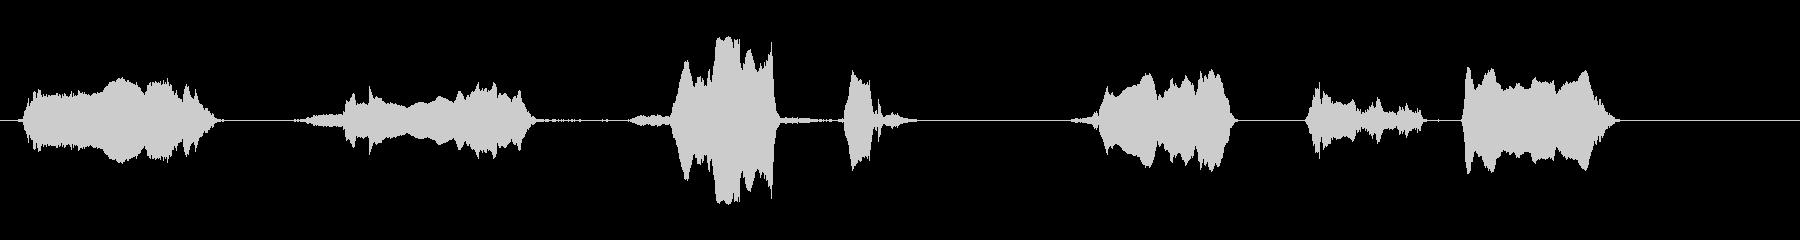 ブルベローズ;さまざまな、近い視点の未再生の波形